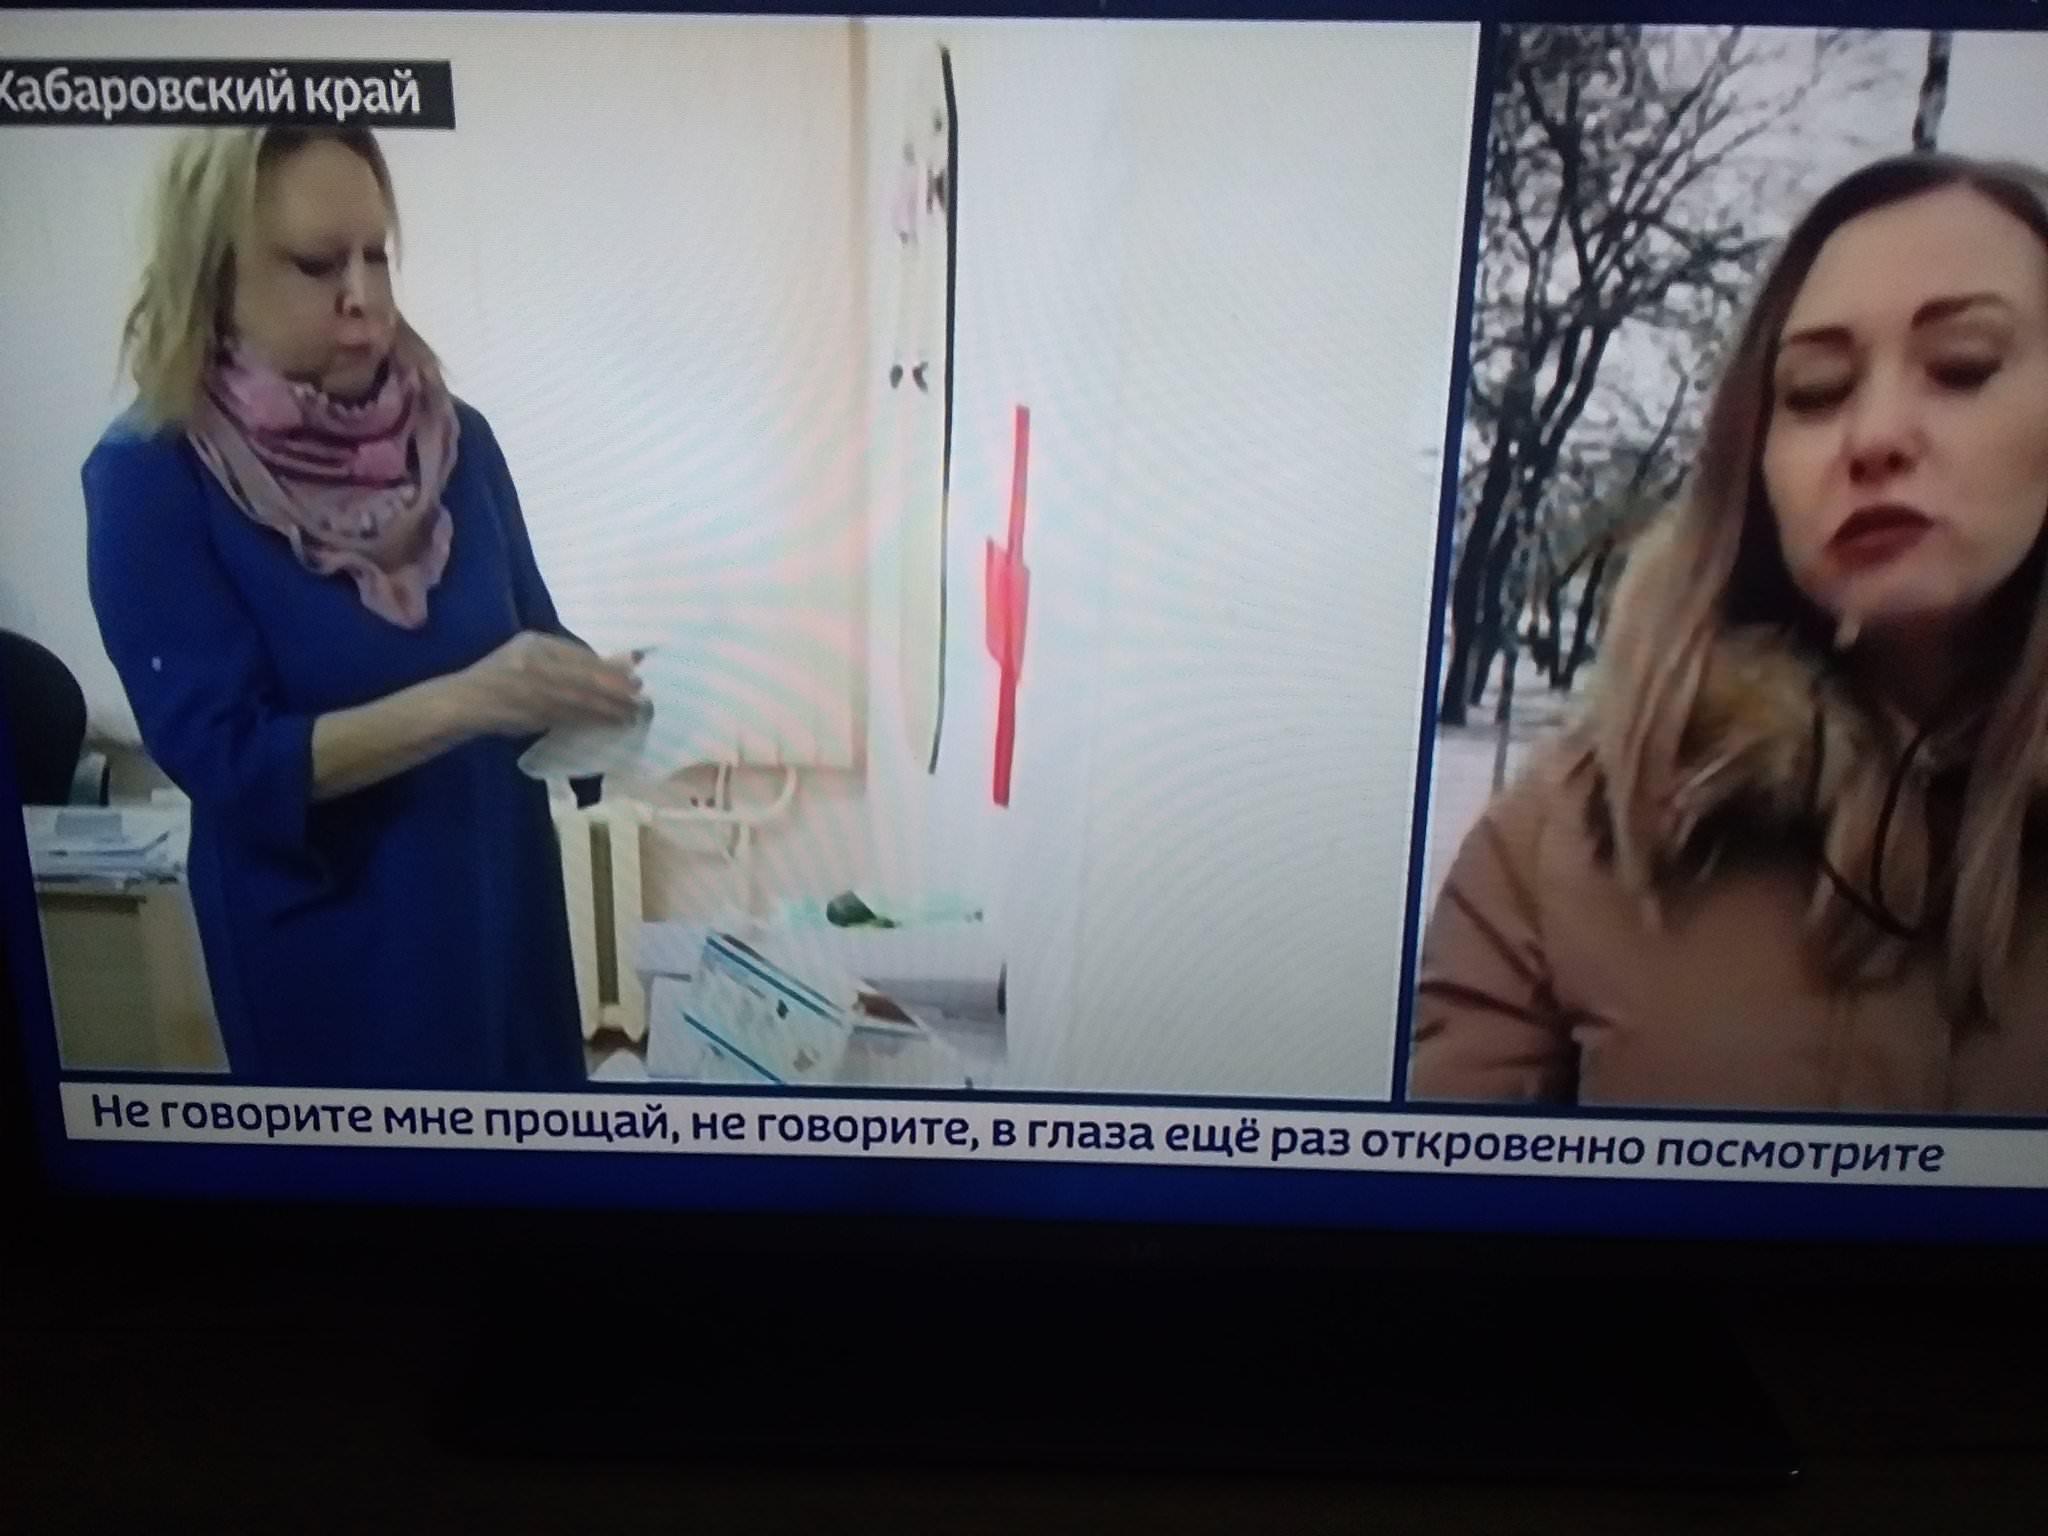 Бегущая строка на федеральном канале удивила россиян